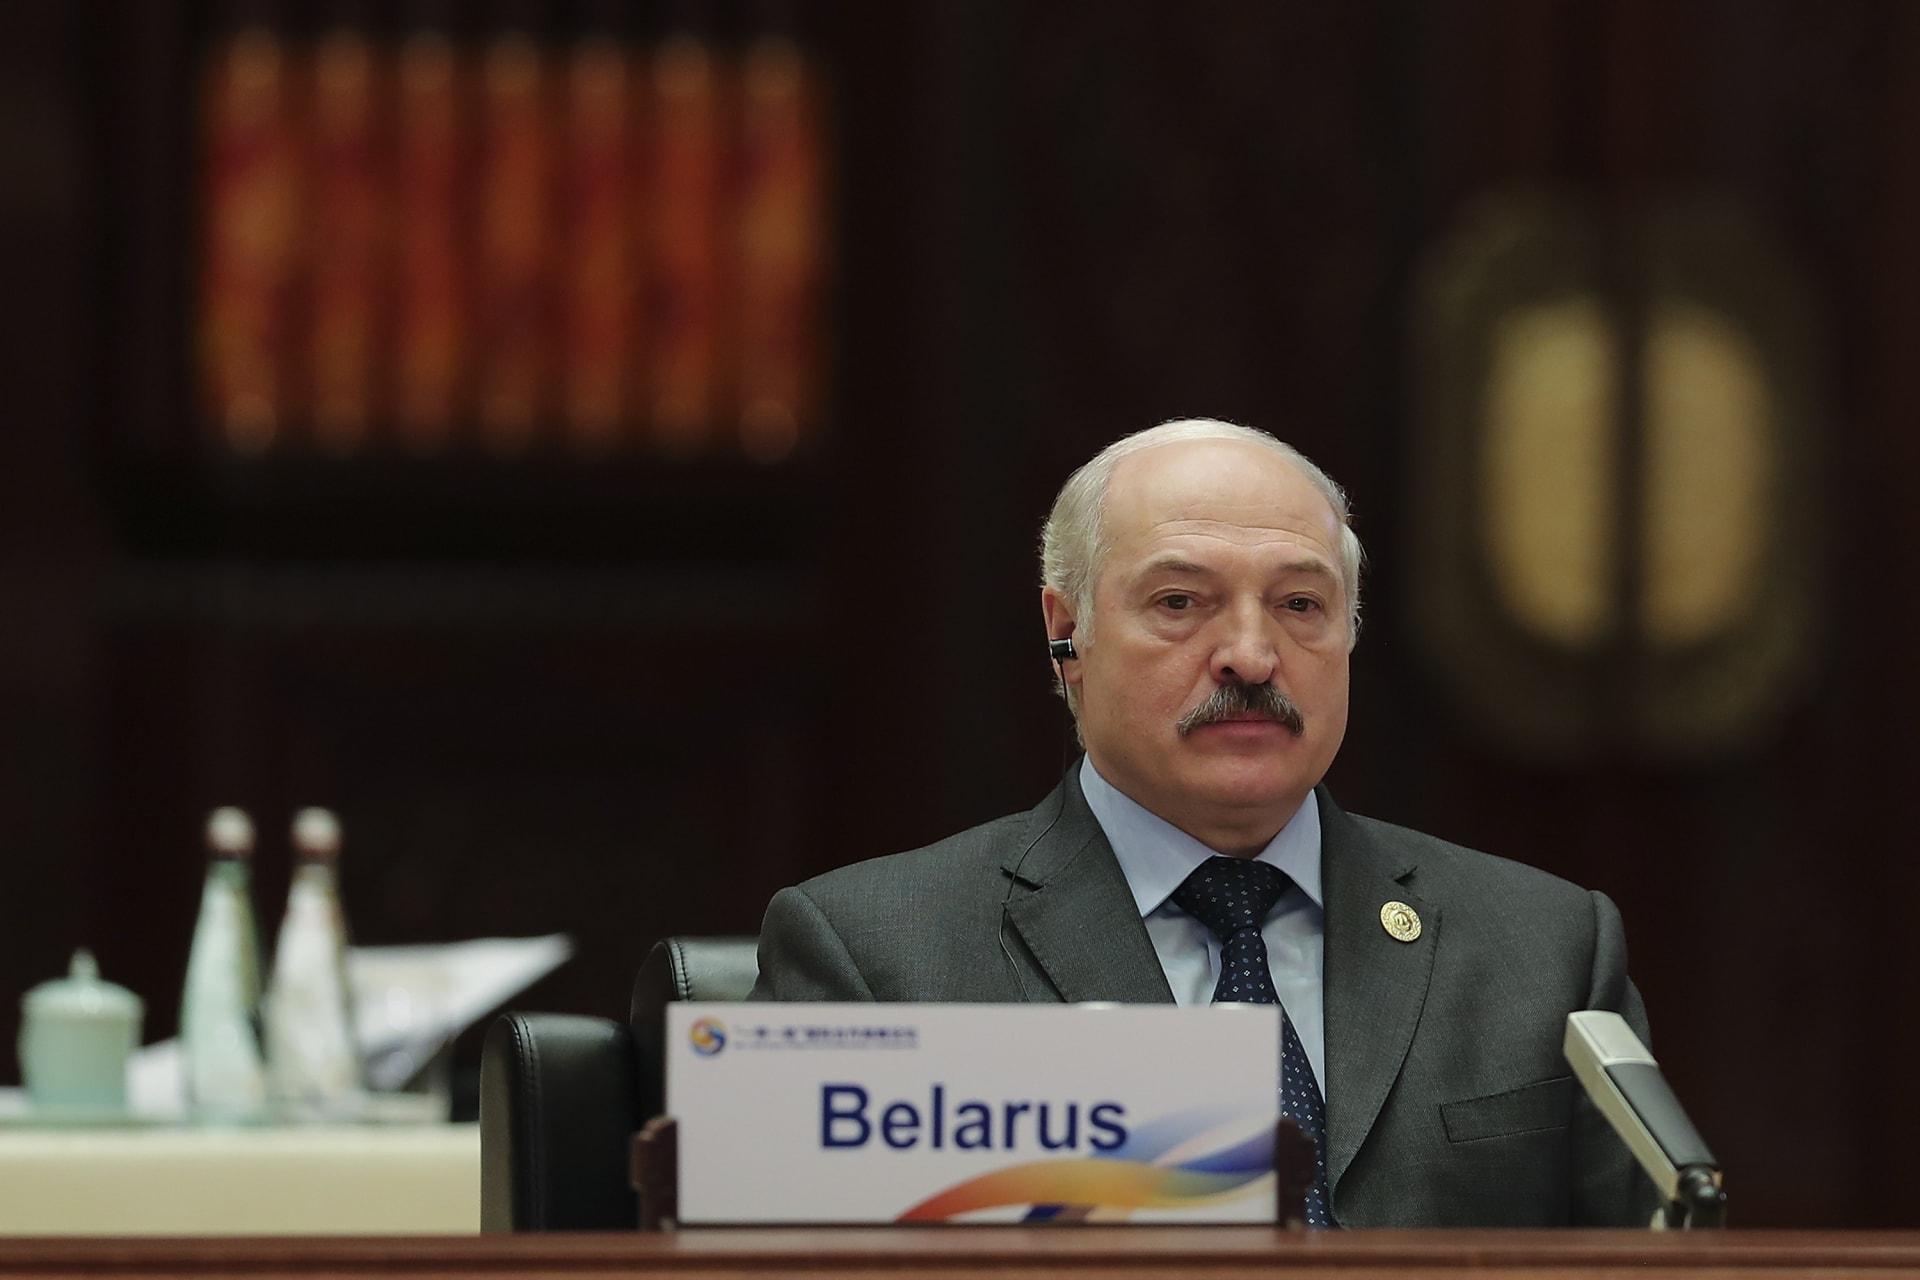 رئيس بيلارسيا يتحدى الاحتجاجات: لن أتخلى عن البلاد لأحد.. وهذا لن ينجح